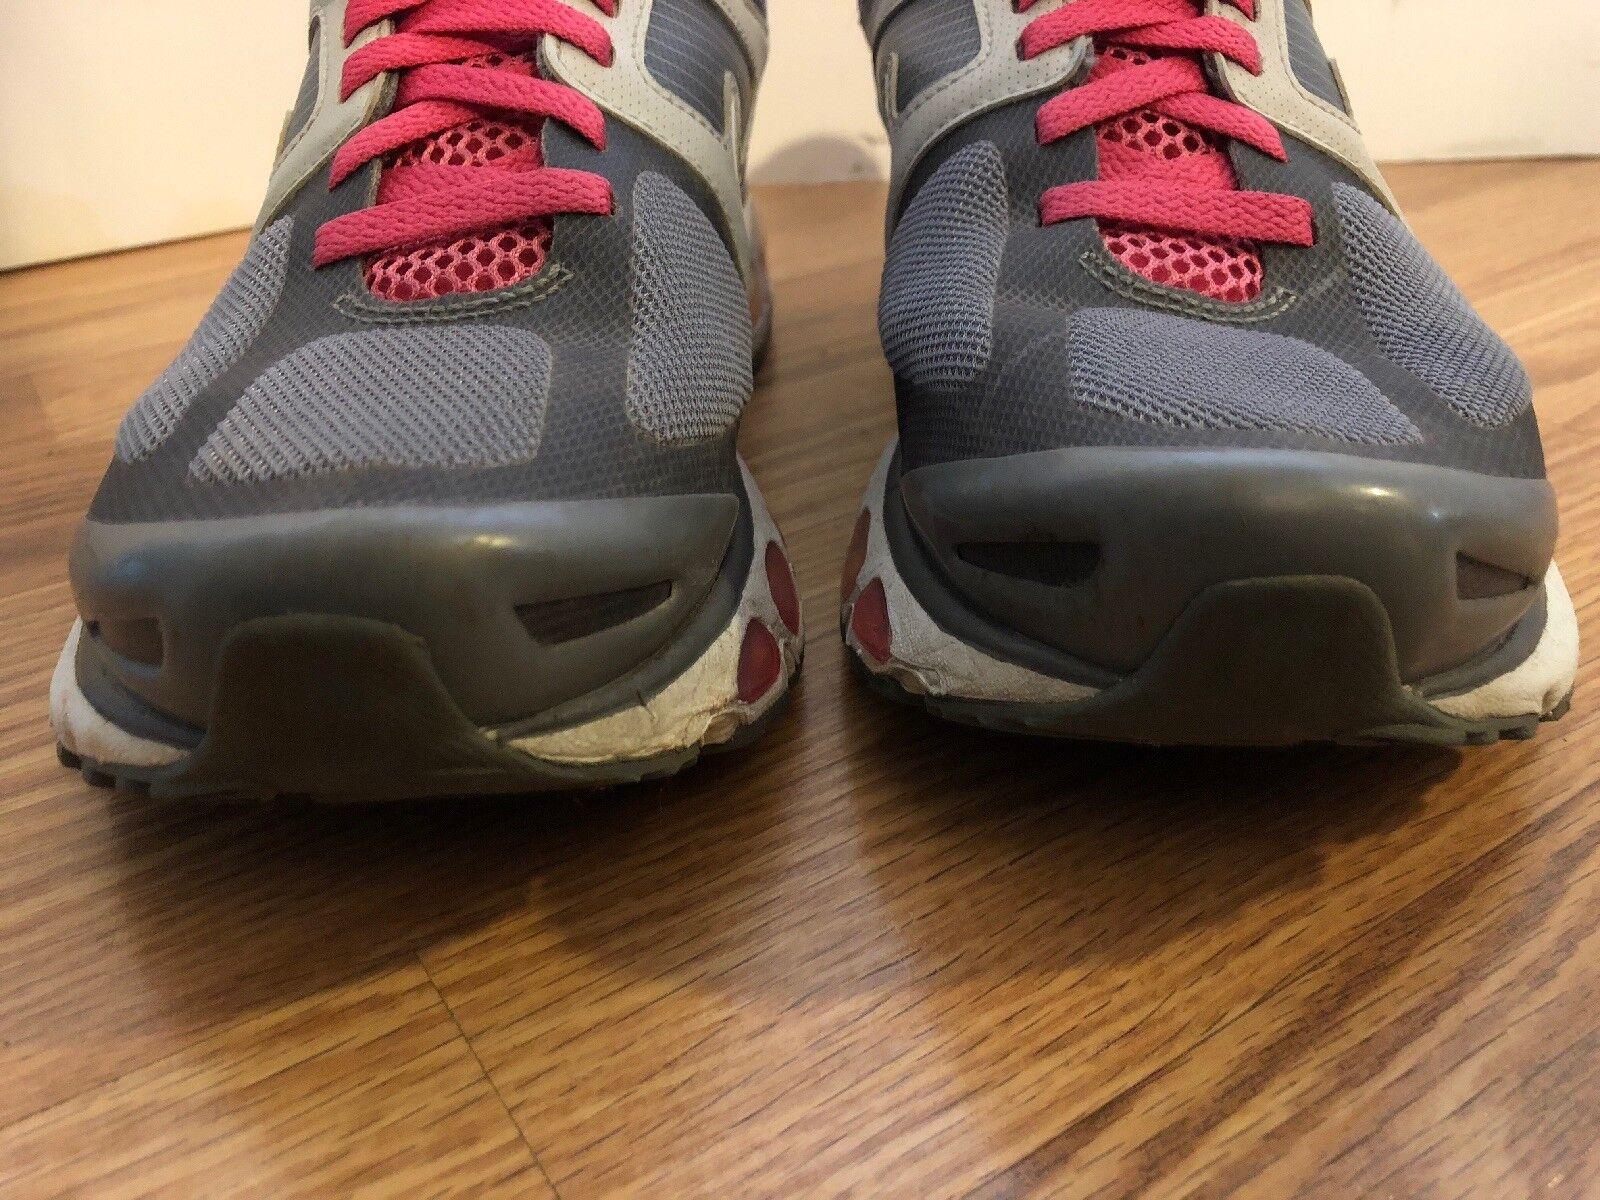 nike air max vento vento vento taglia 9 rosa caldo grigio scarpe da corsa 415371-004 | Buy Speciale  | Del Nuovo Di Stile  | Eleganti  | Scolaro/Signora Scarpa  | Uomini/Donne Scarpa  3c2399